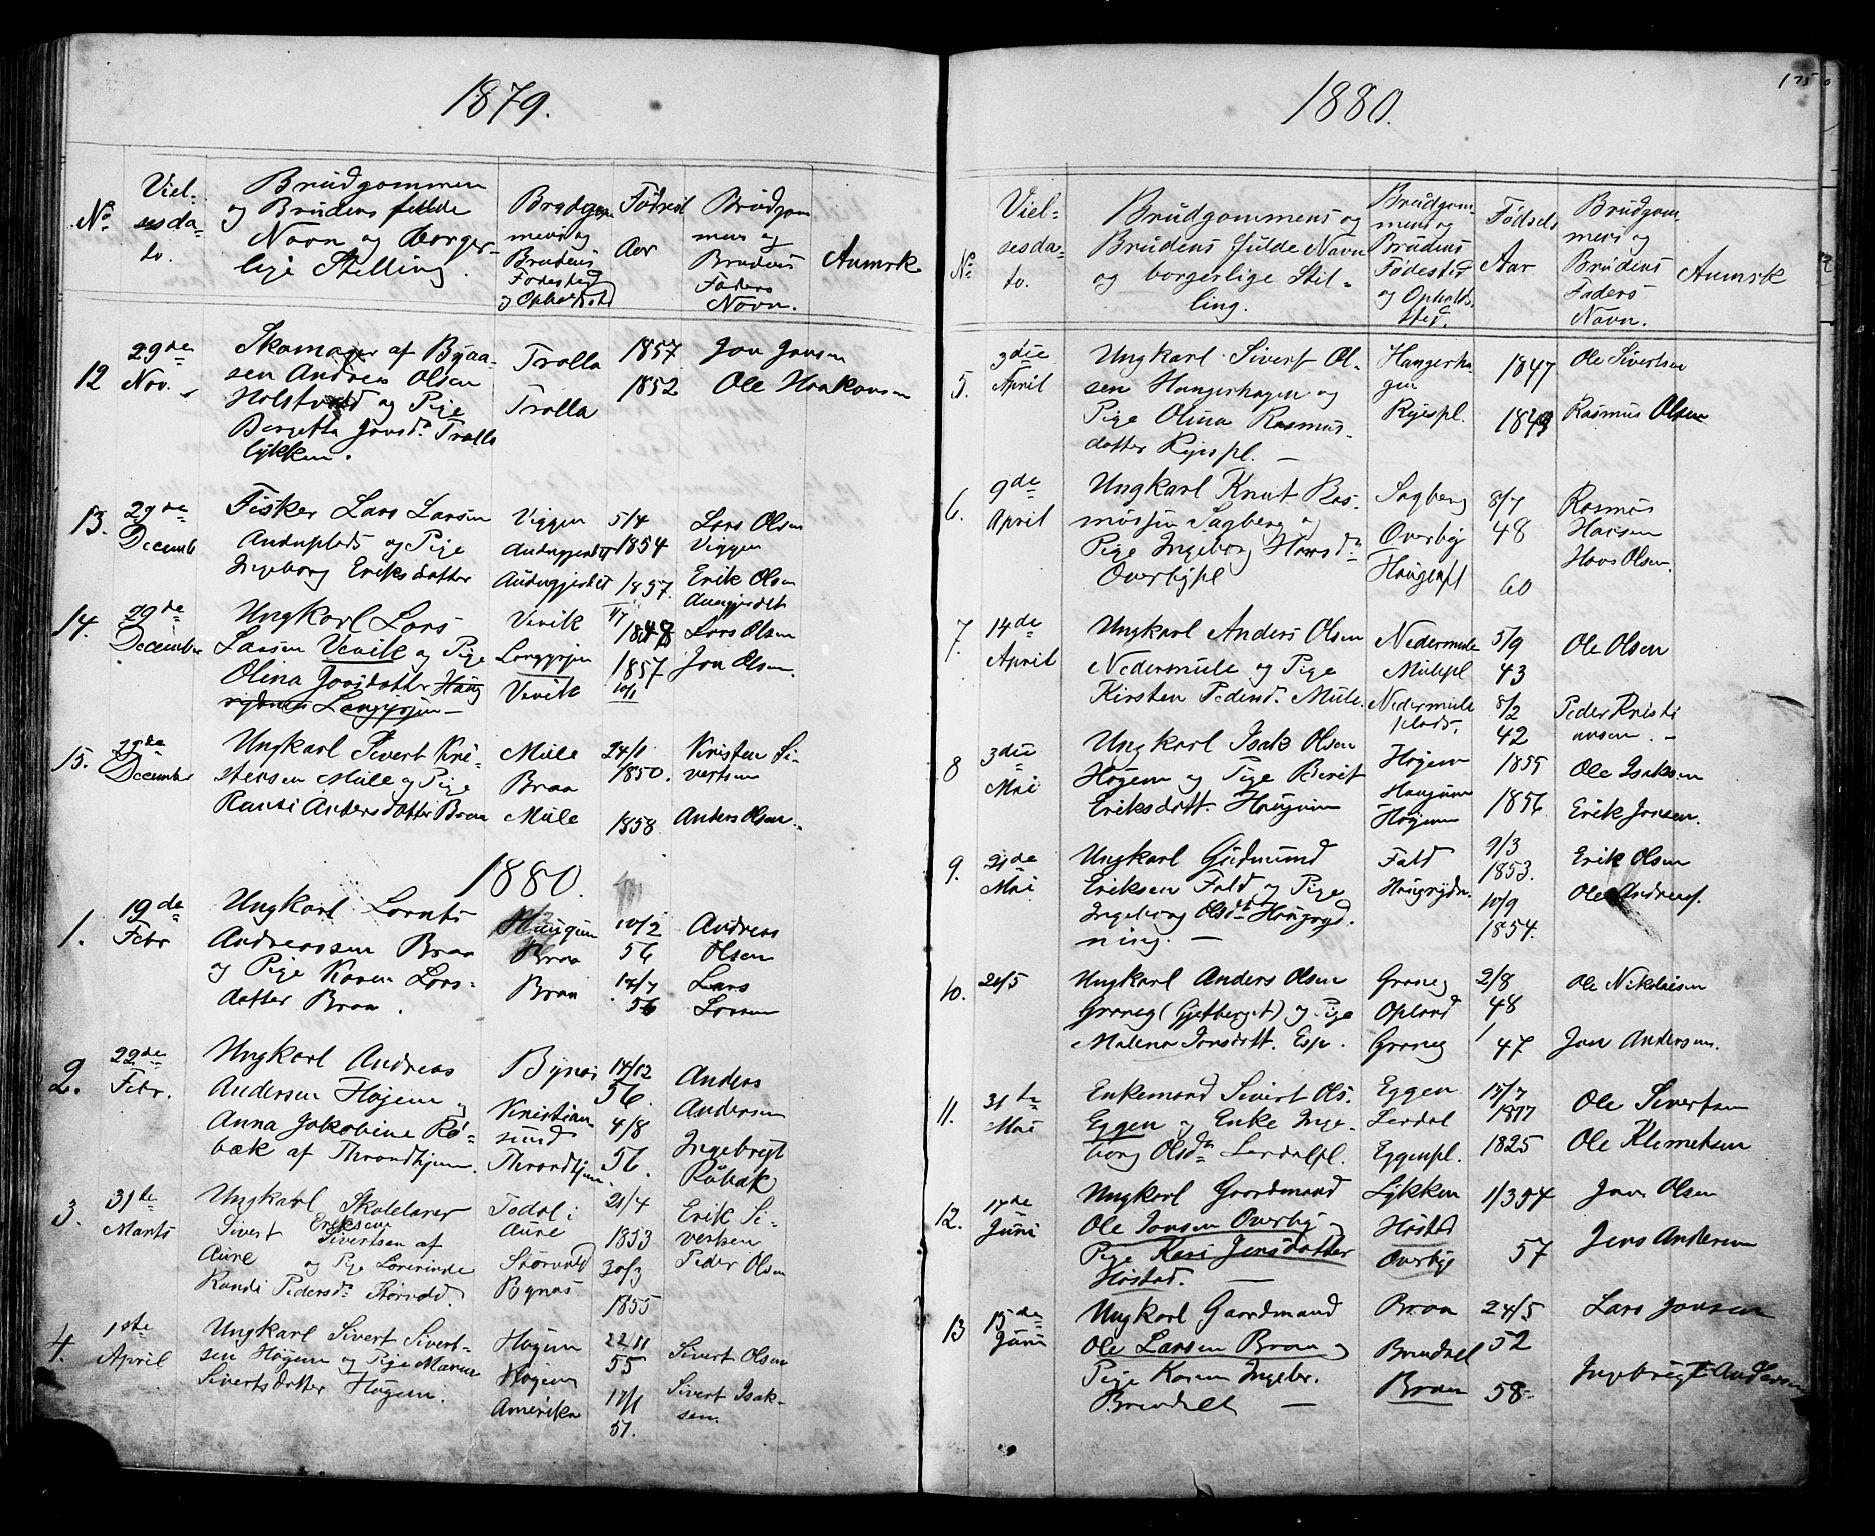 SAT, Ministerialprotokoller, klokkerbøker og fødselsregistre - Sør-Trøndelag, 612/L0387: Klokkerbok nr. 612C03, 1874-1908, s. 175